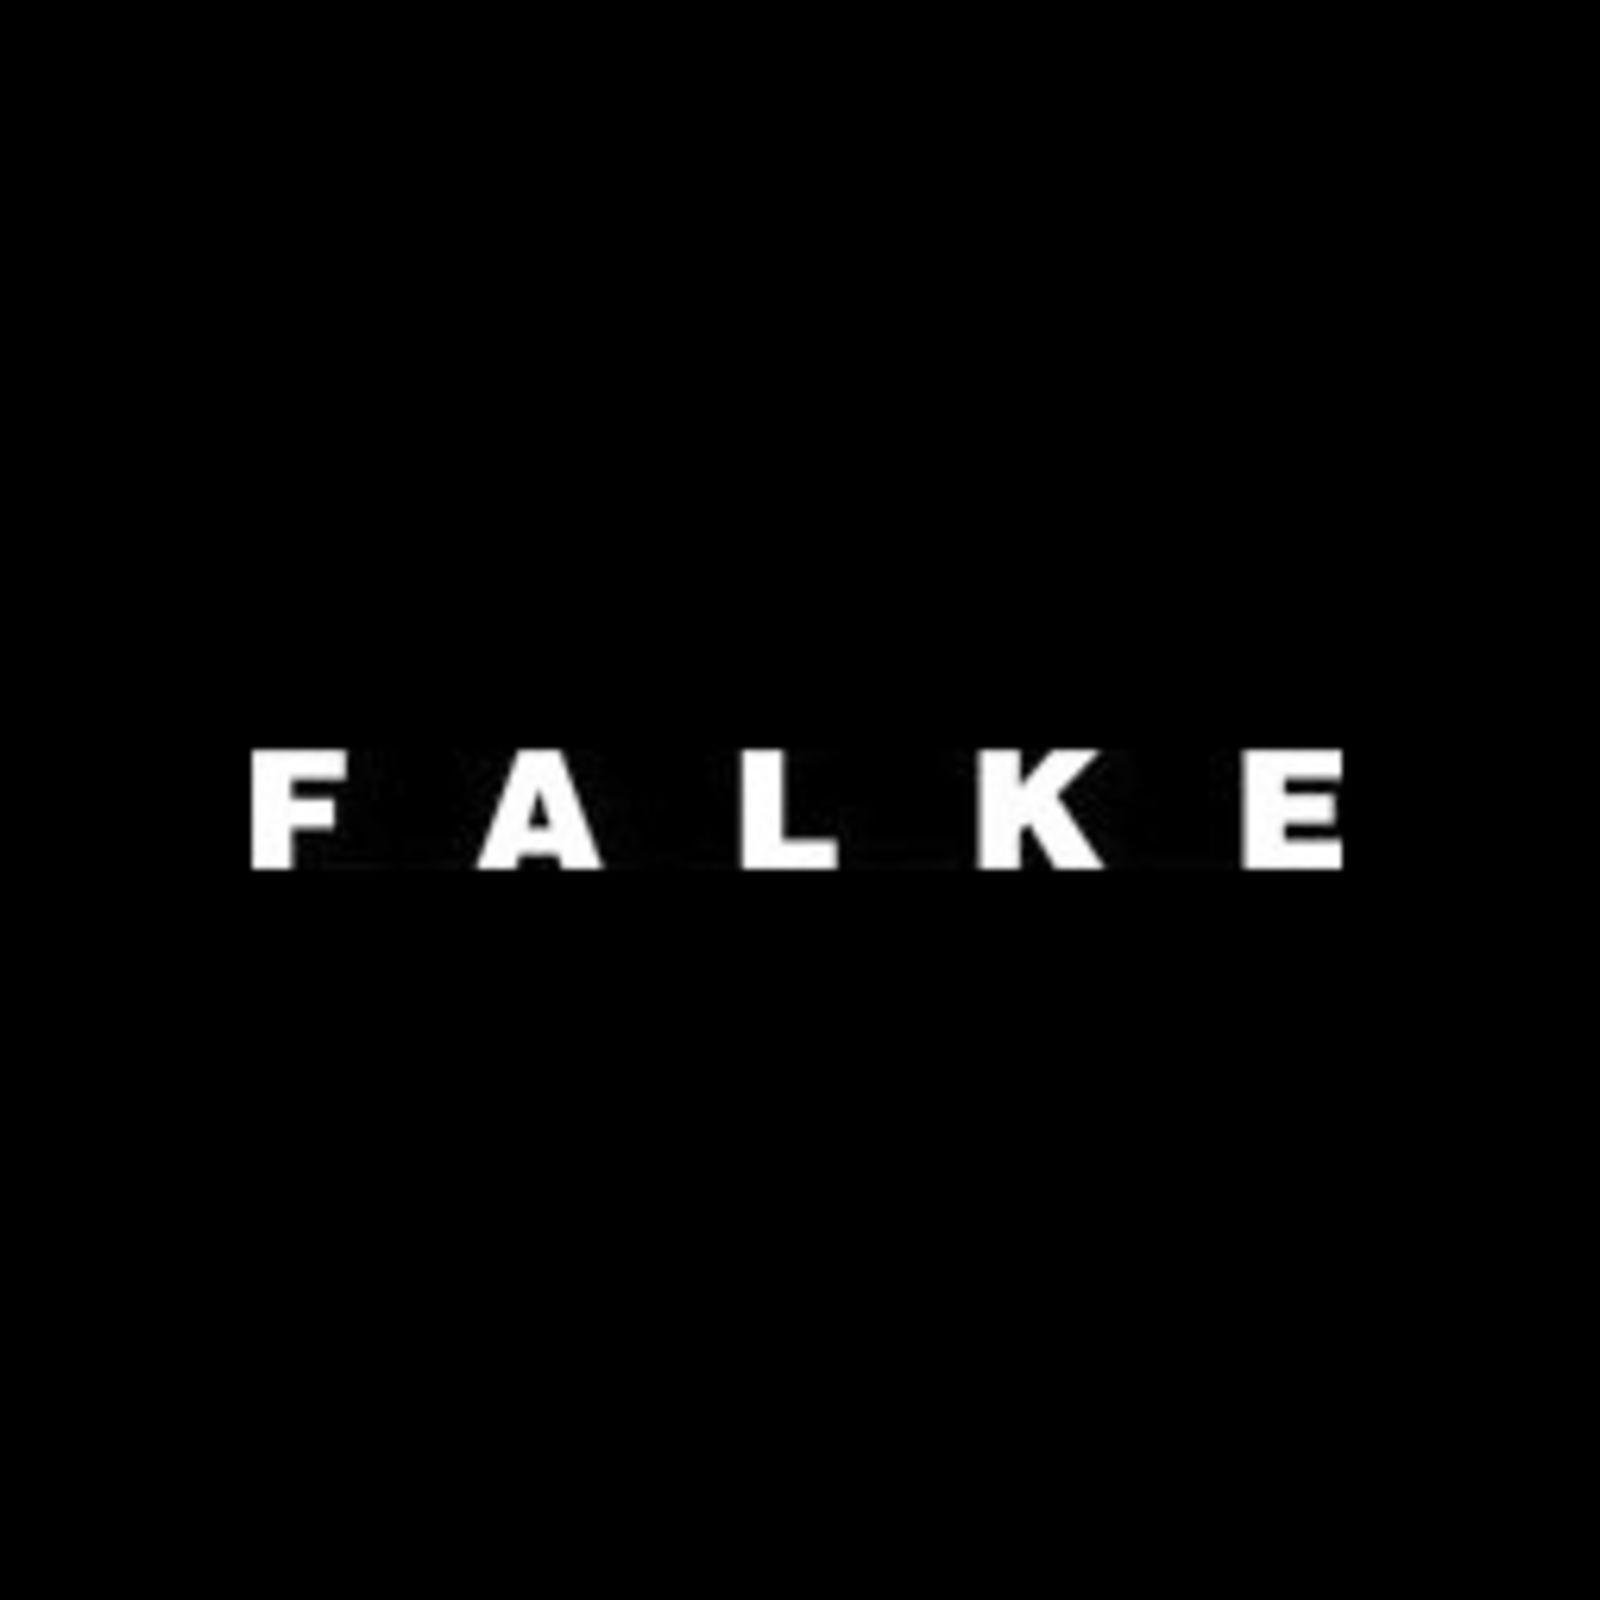 FALKE (Image 1)